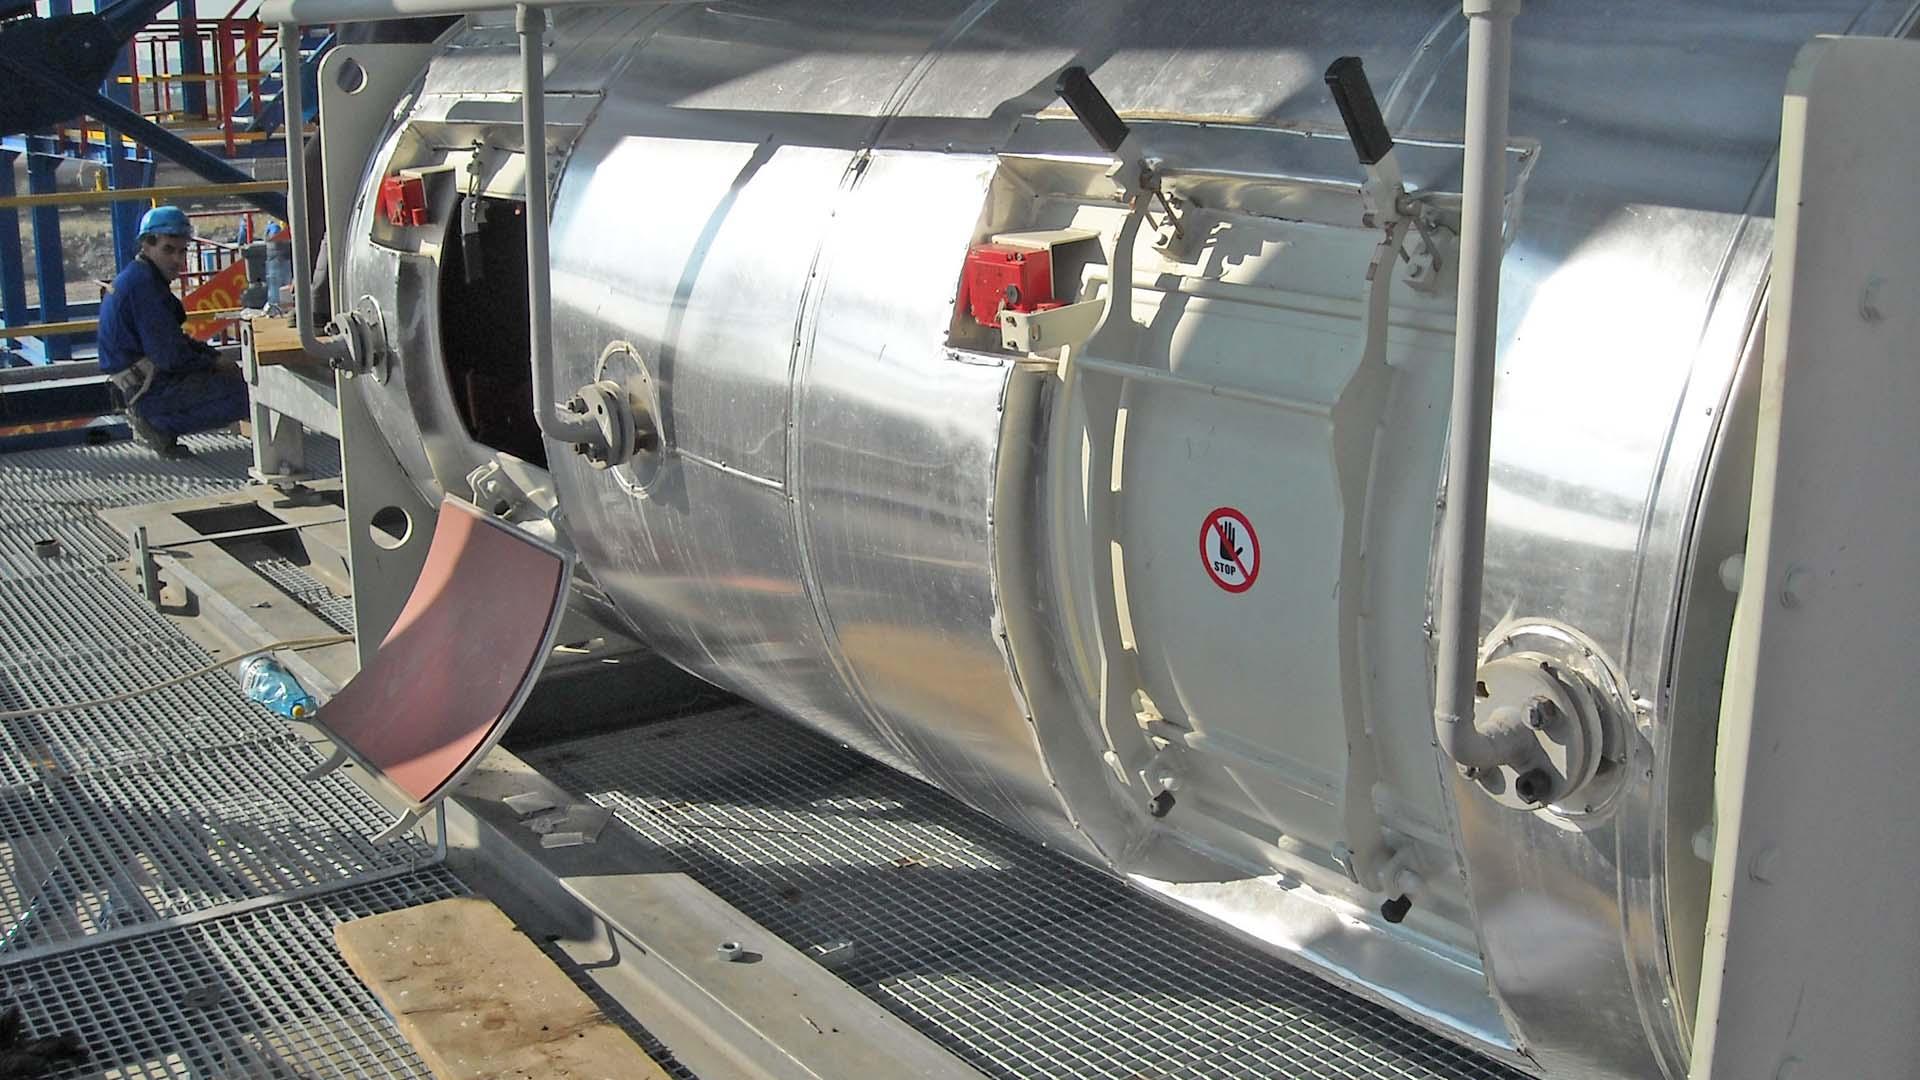 Kontinuierlicher Pflugscharmischer WAH in der petrochemischen Industrie - Mischer für die chemische Industrie